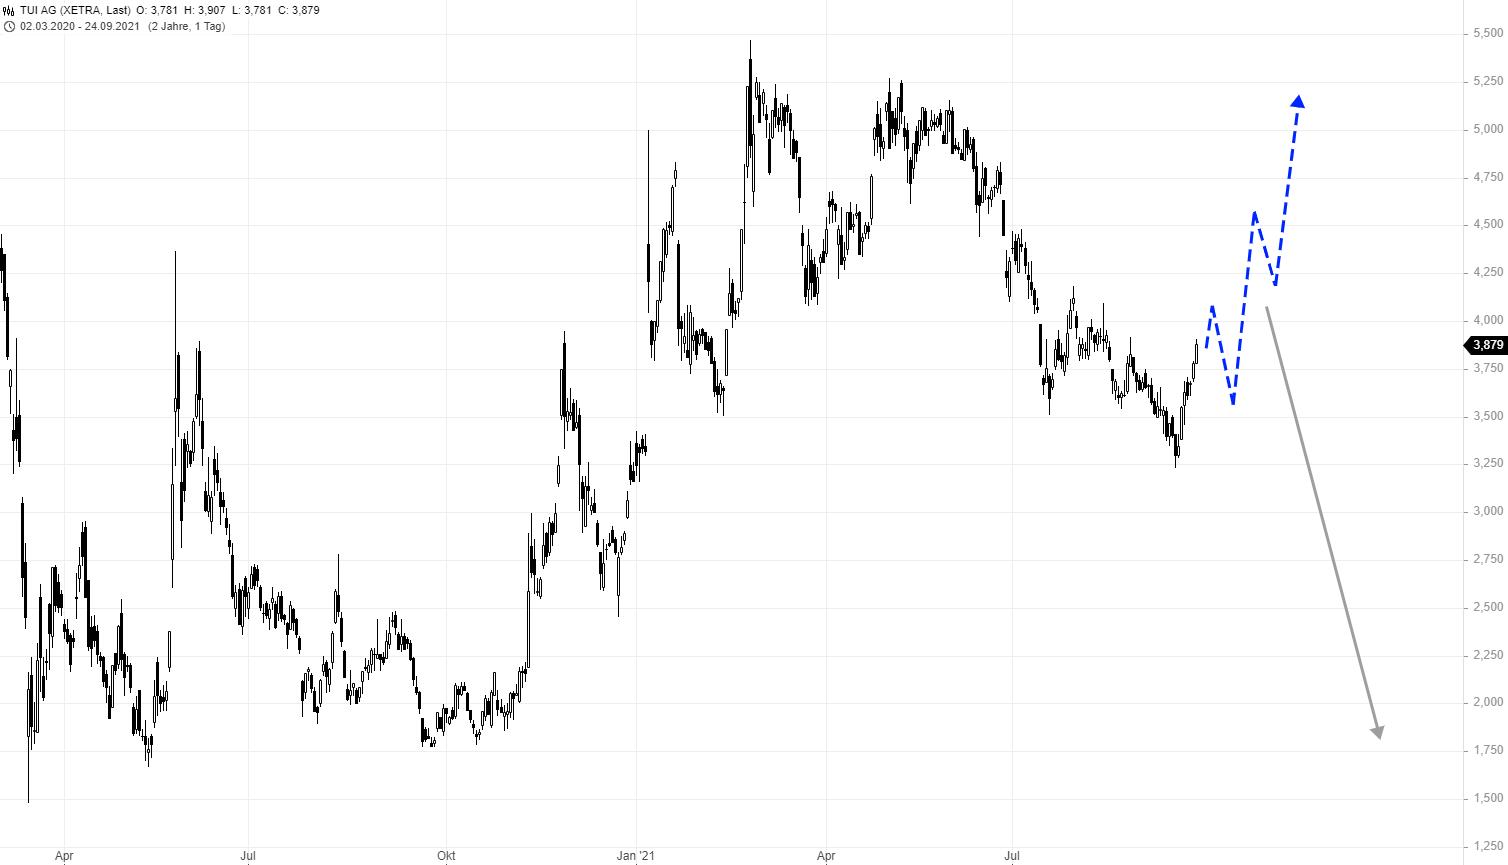 TUI-Wie-könnte-man-in-die-Aktie-einsteigen-Rene-Berteit-GodmodeTrader.de-1